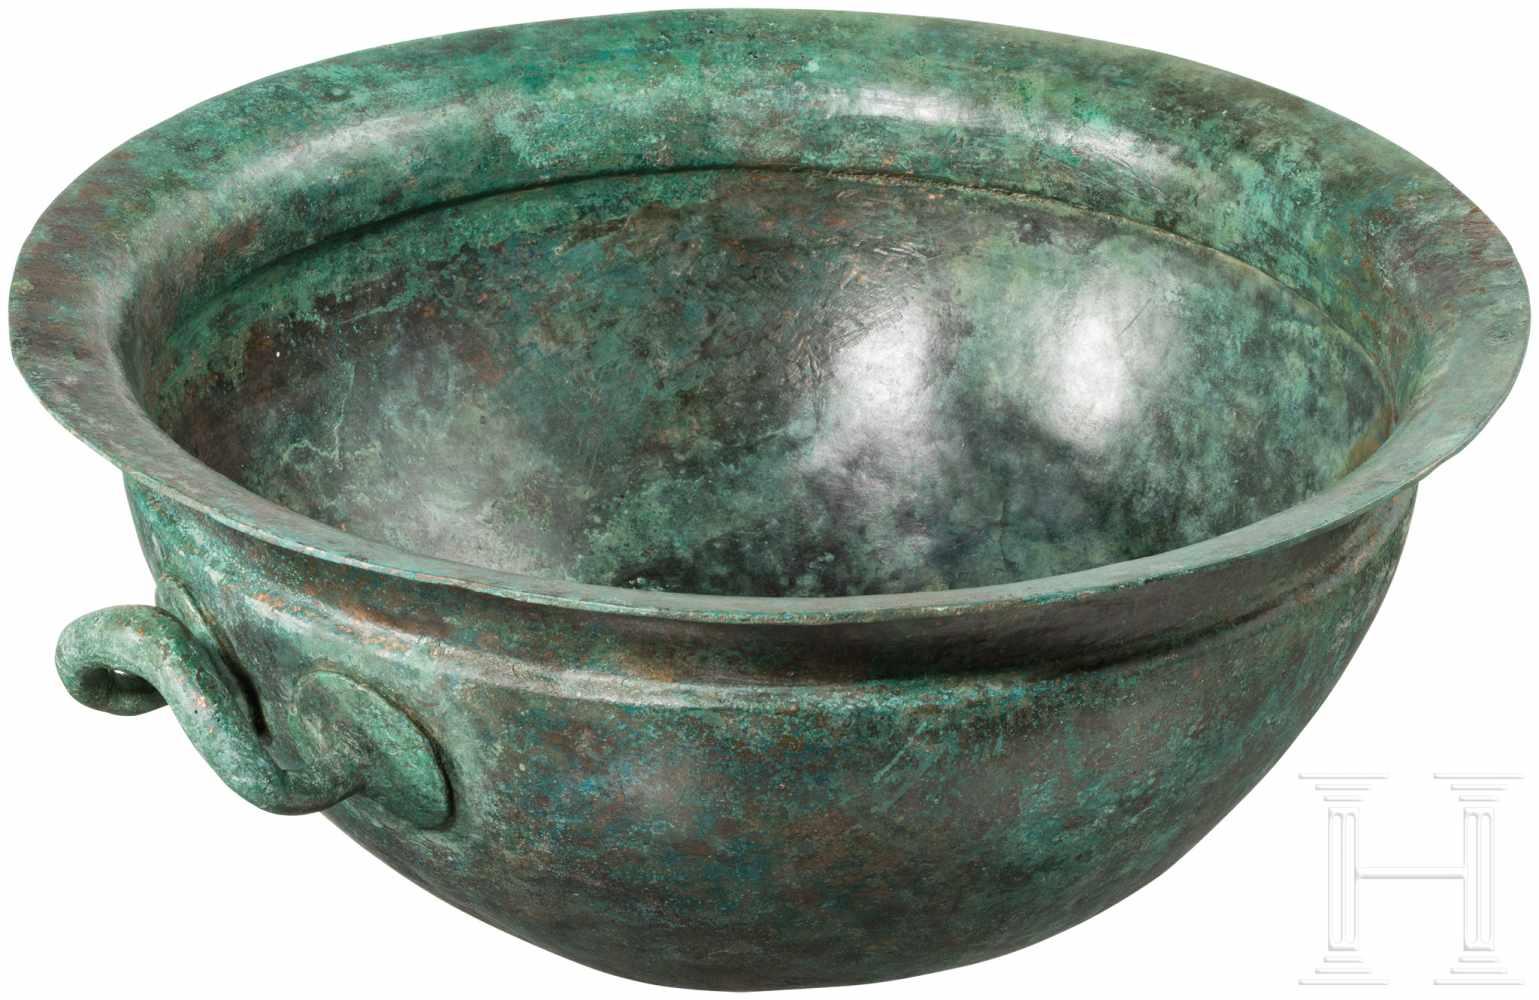 Lot 1637 - Bronzekessel, Griechenland, 5. Jhdt. v. Chr.Großer, halbkugeliger Bronzekessel mit zwei seitlichen